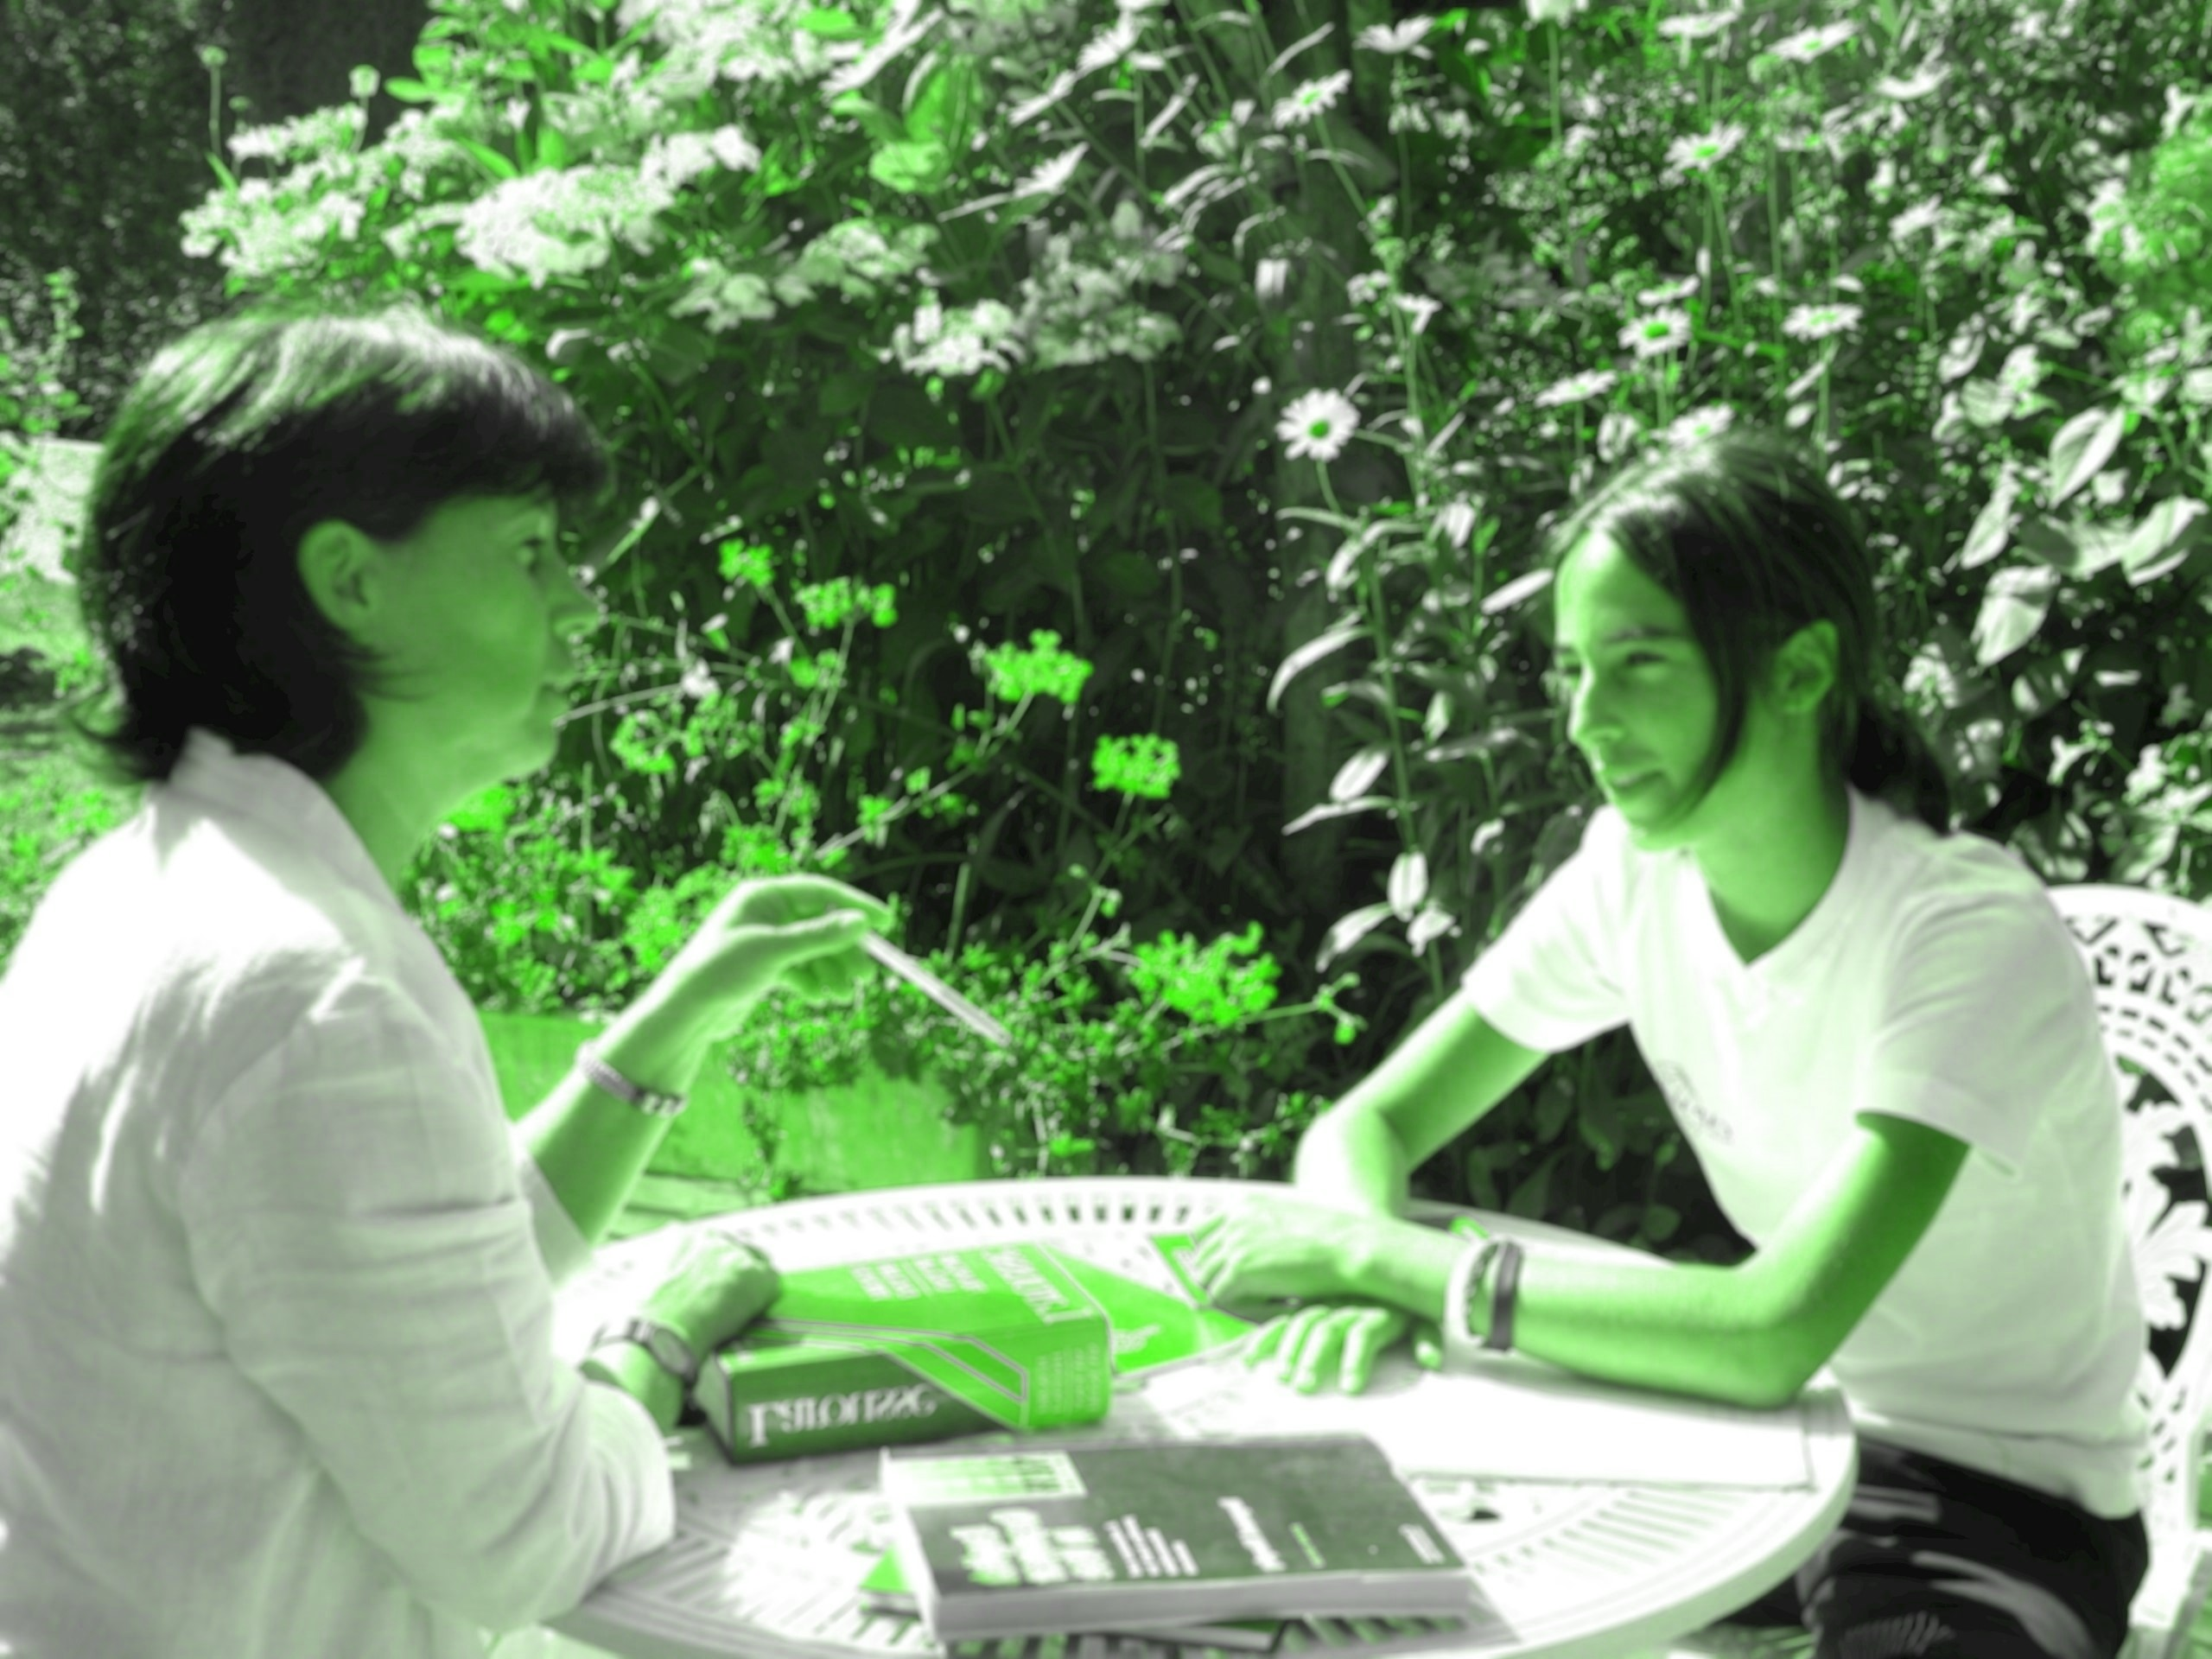 Le séjour linguistique, un moyen de voyager et d'apprendre une nouvelle langue